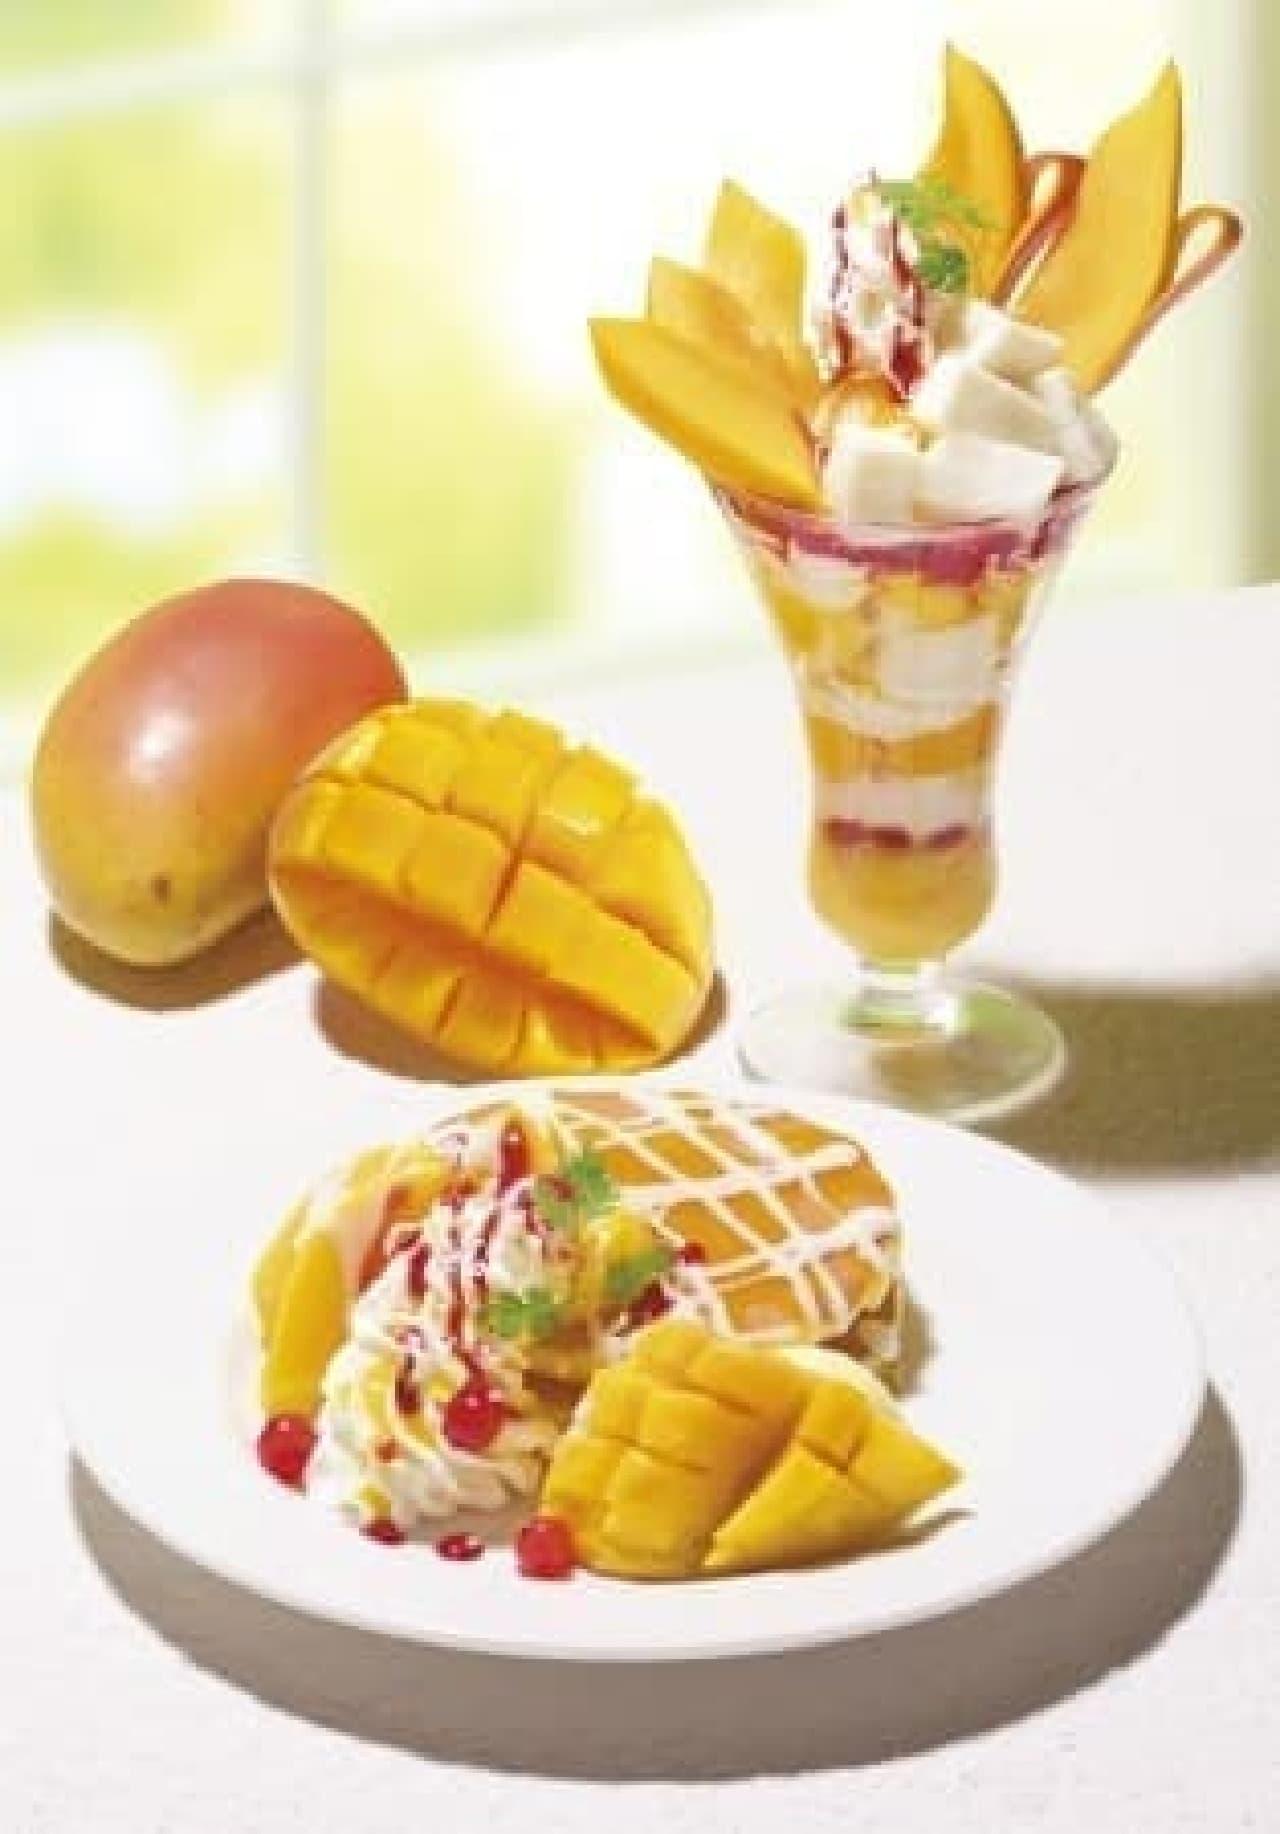 銀座コージーコーナー「常夏のアップルマンゴーのパンケーキ~ココナッツの香り~」